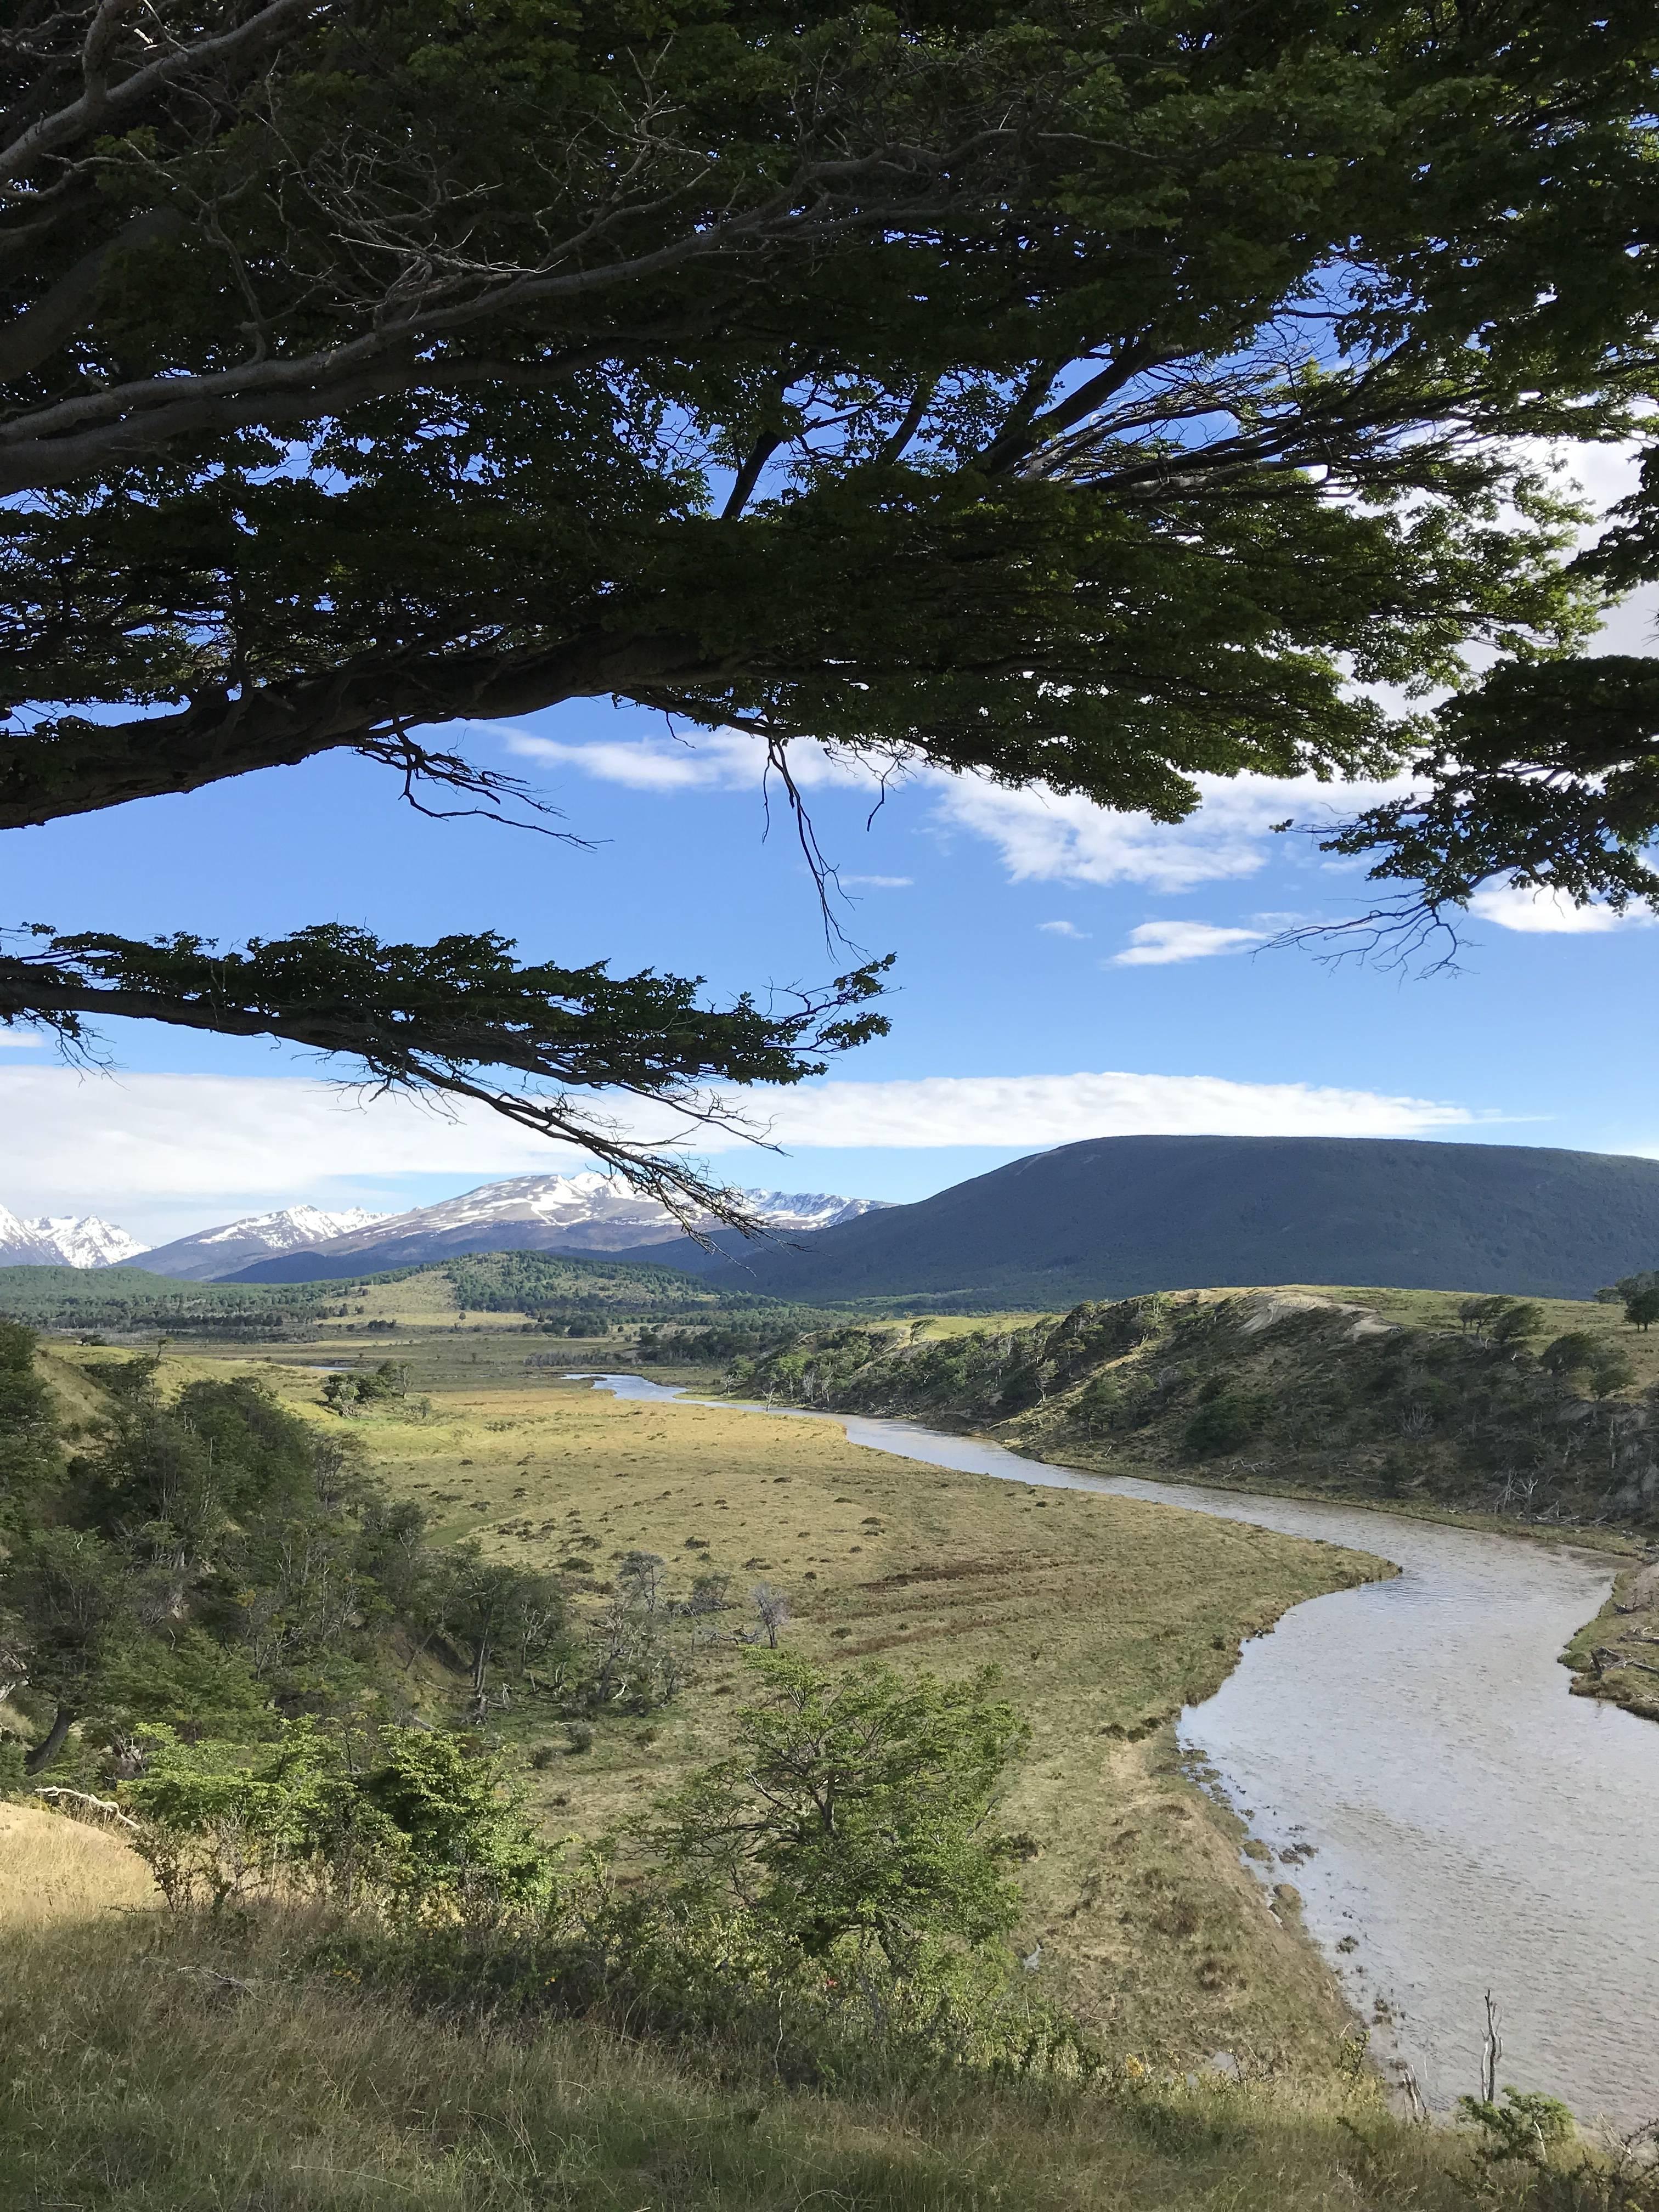 Photo 1: Le parc de la Terre de feu à Ushuaïa